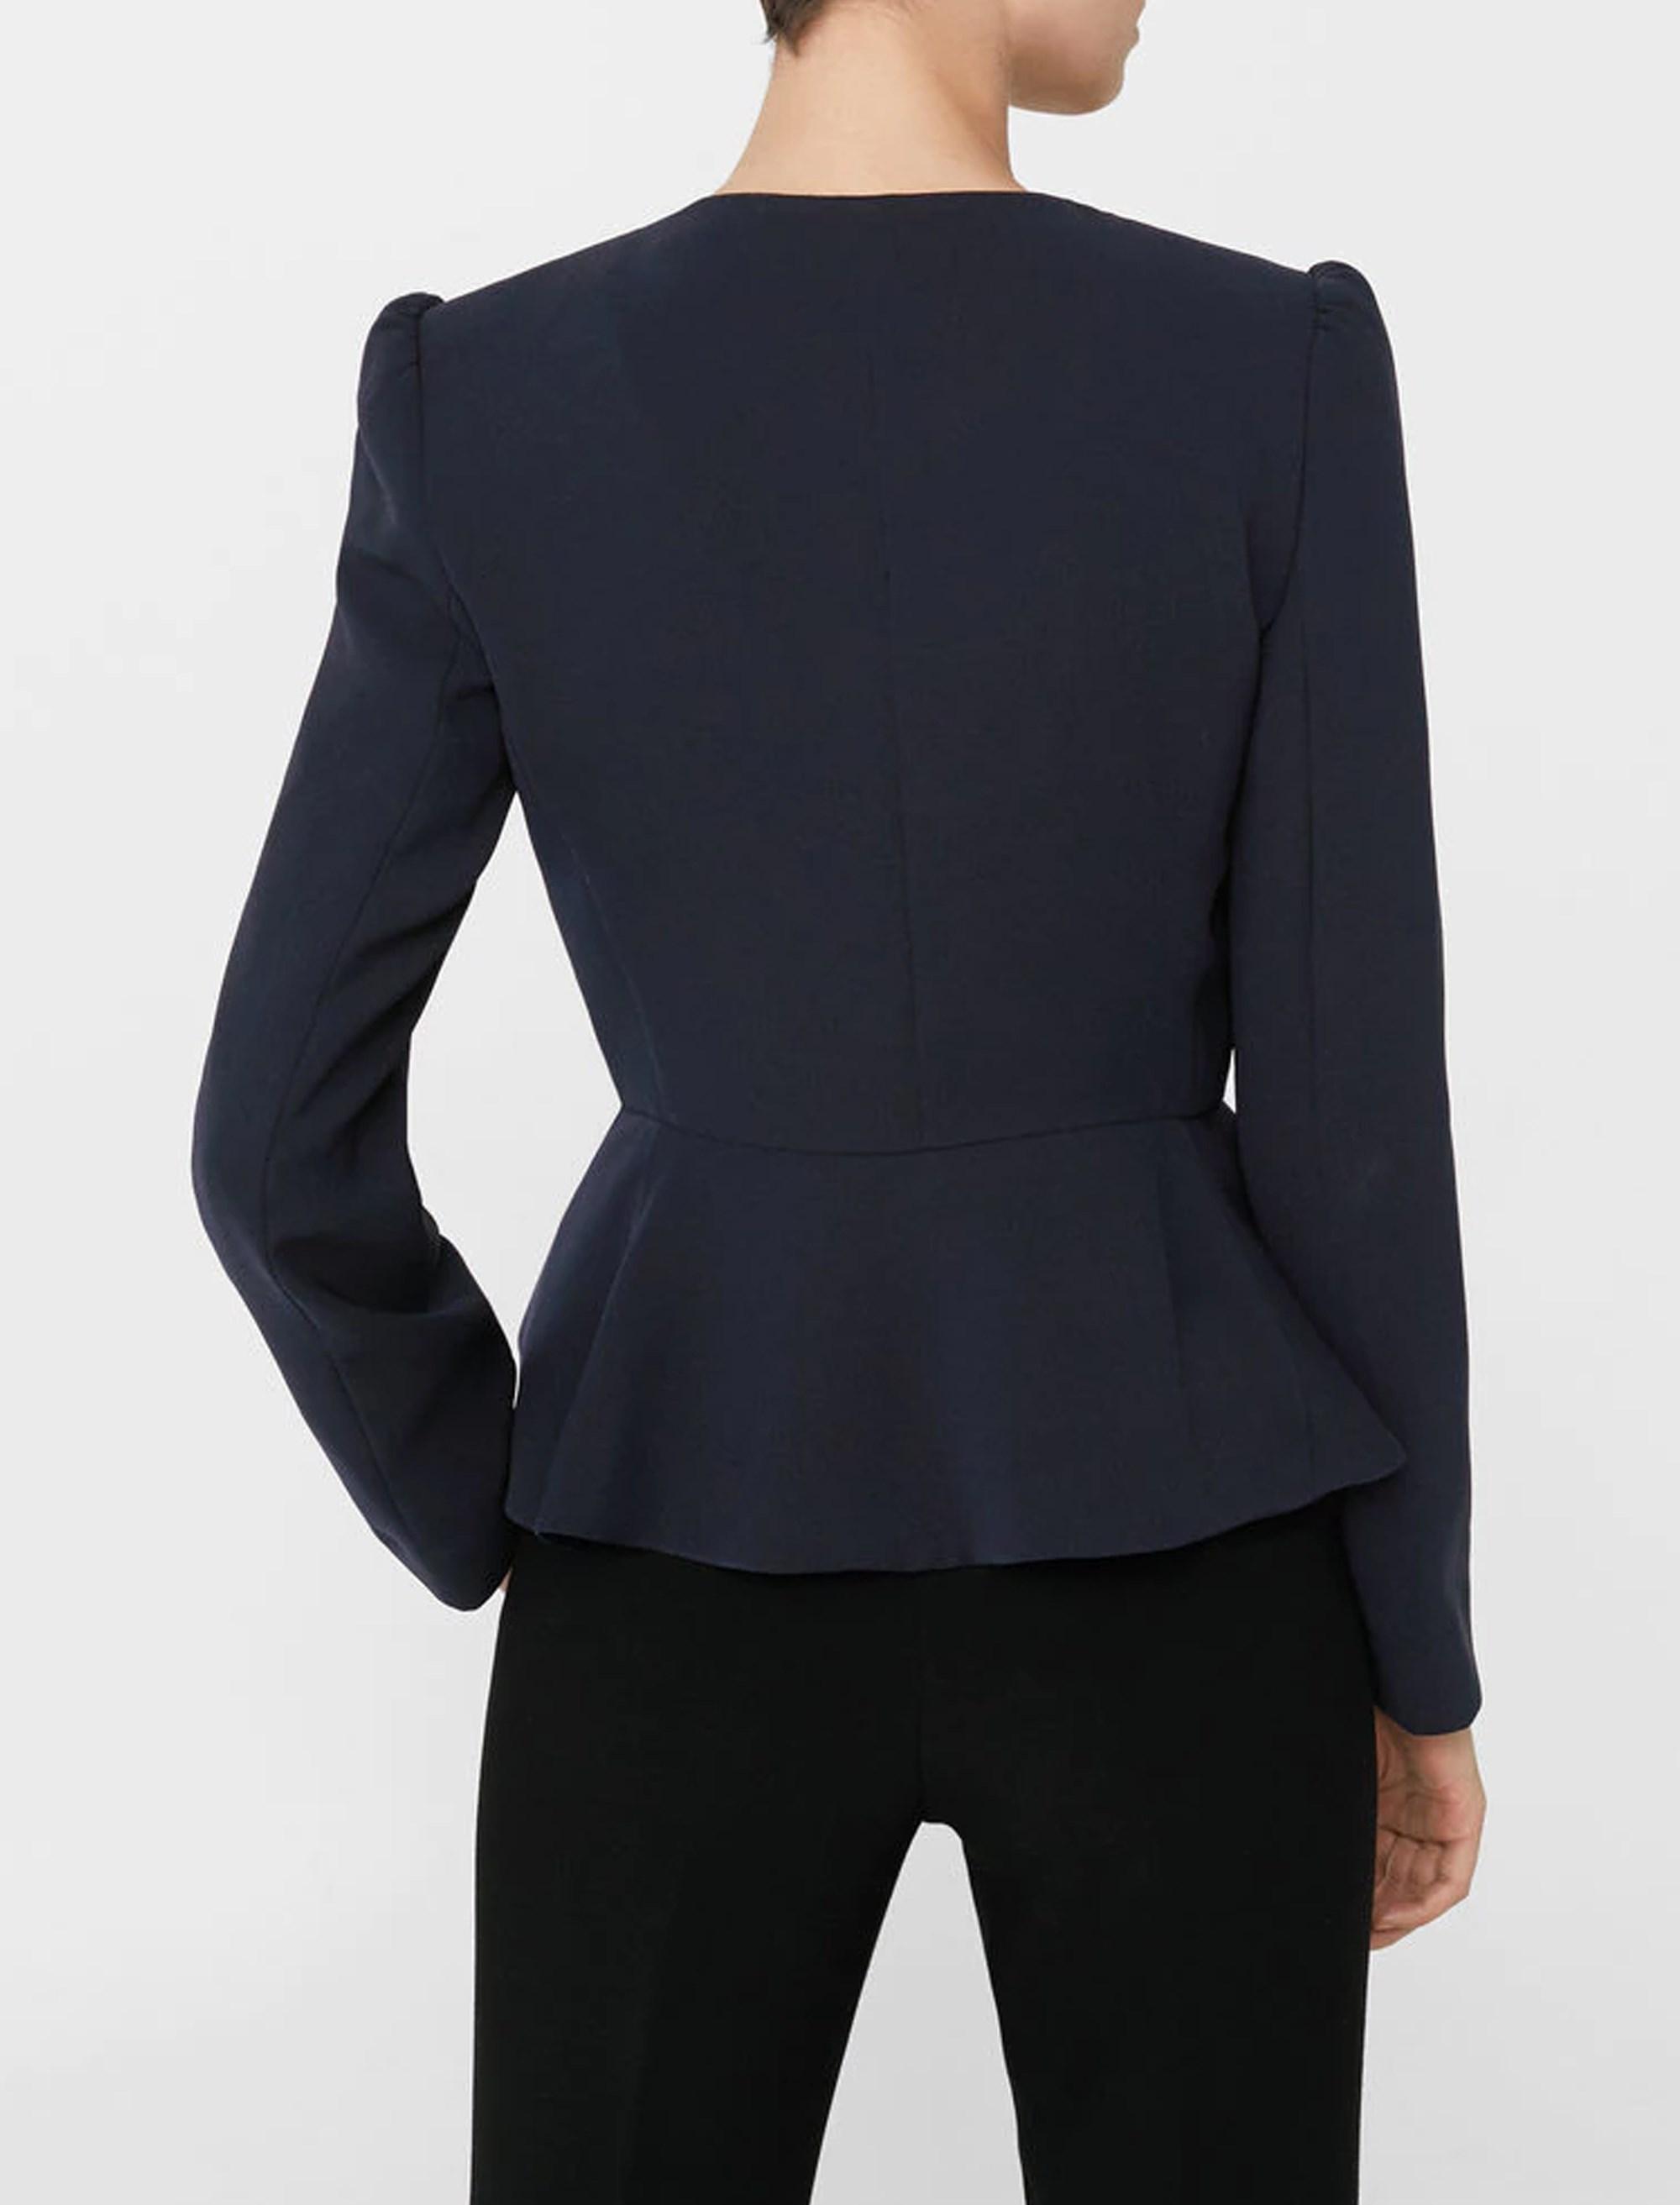 کت کوتاه زنانه - مانگو - سرمه اي - 2